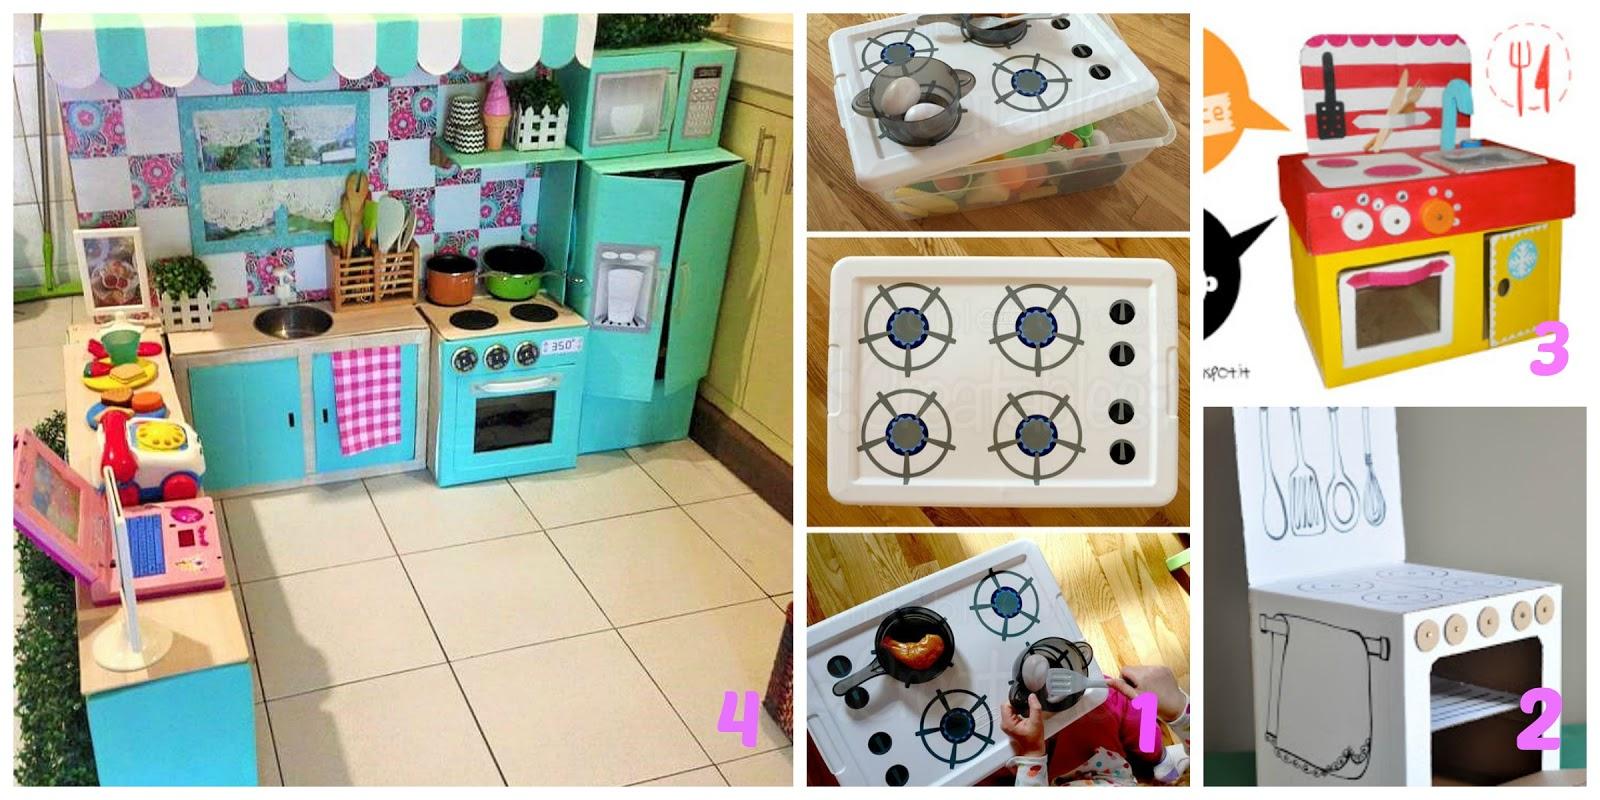 Come fare una cucina giocattolo per bambini con materiali riciclati  donneinpink magazine